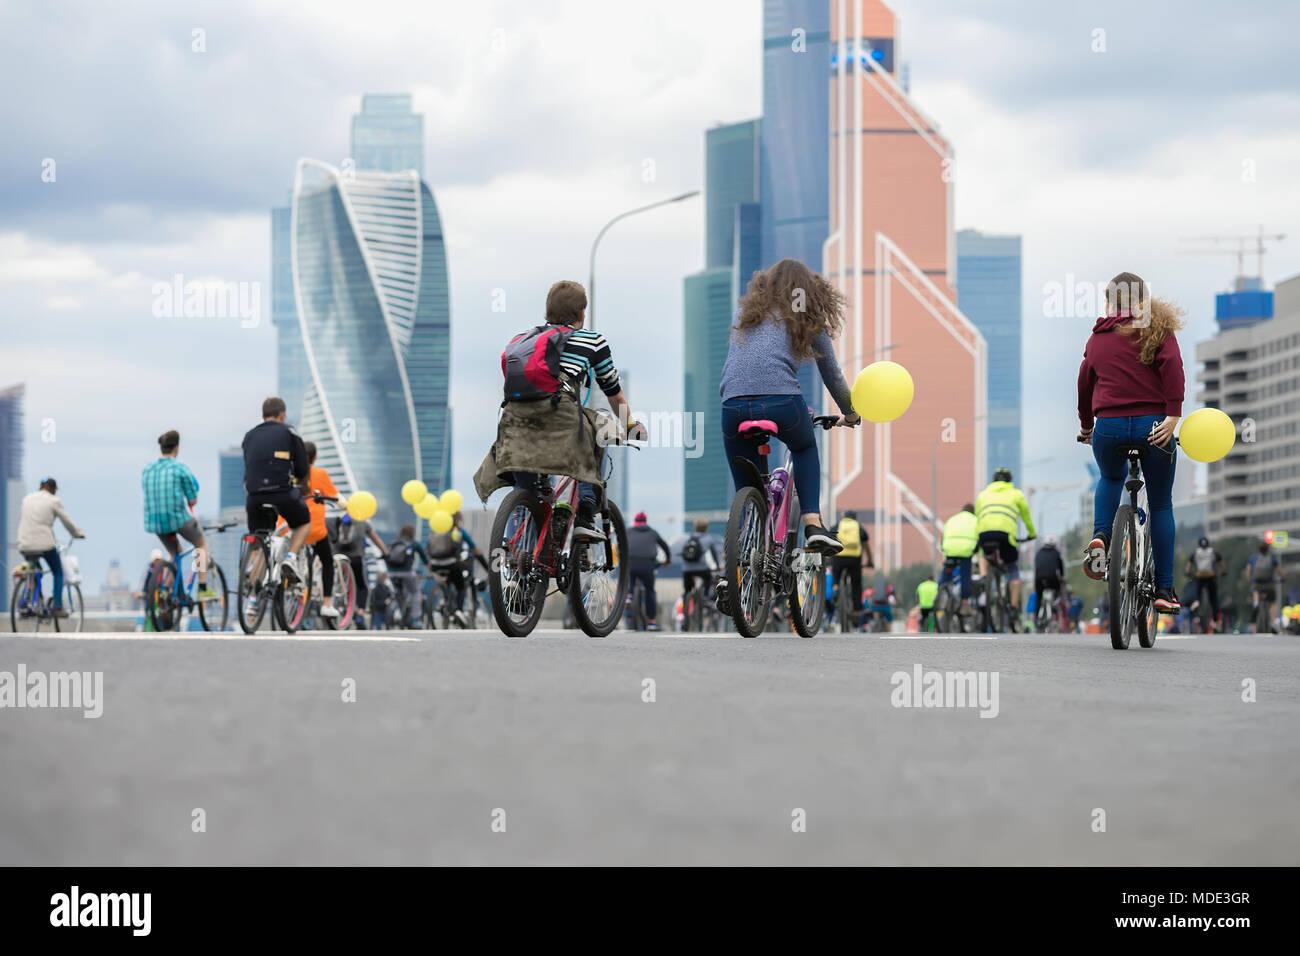 Die Fahrt mit dem Fahrrad in der Stadt. Jugend, Familien im Radrennsport. Konzept der gesunden Lebensweise, gemeinsame Freizeitaktivitäten, Sport Stockbild